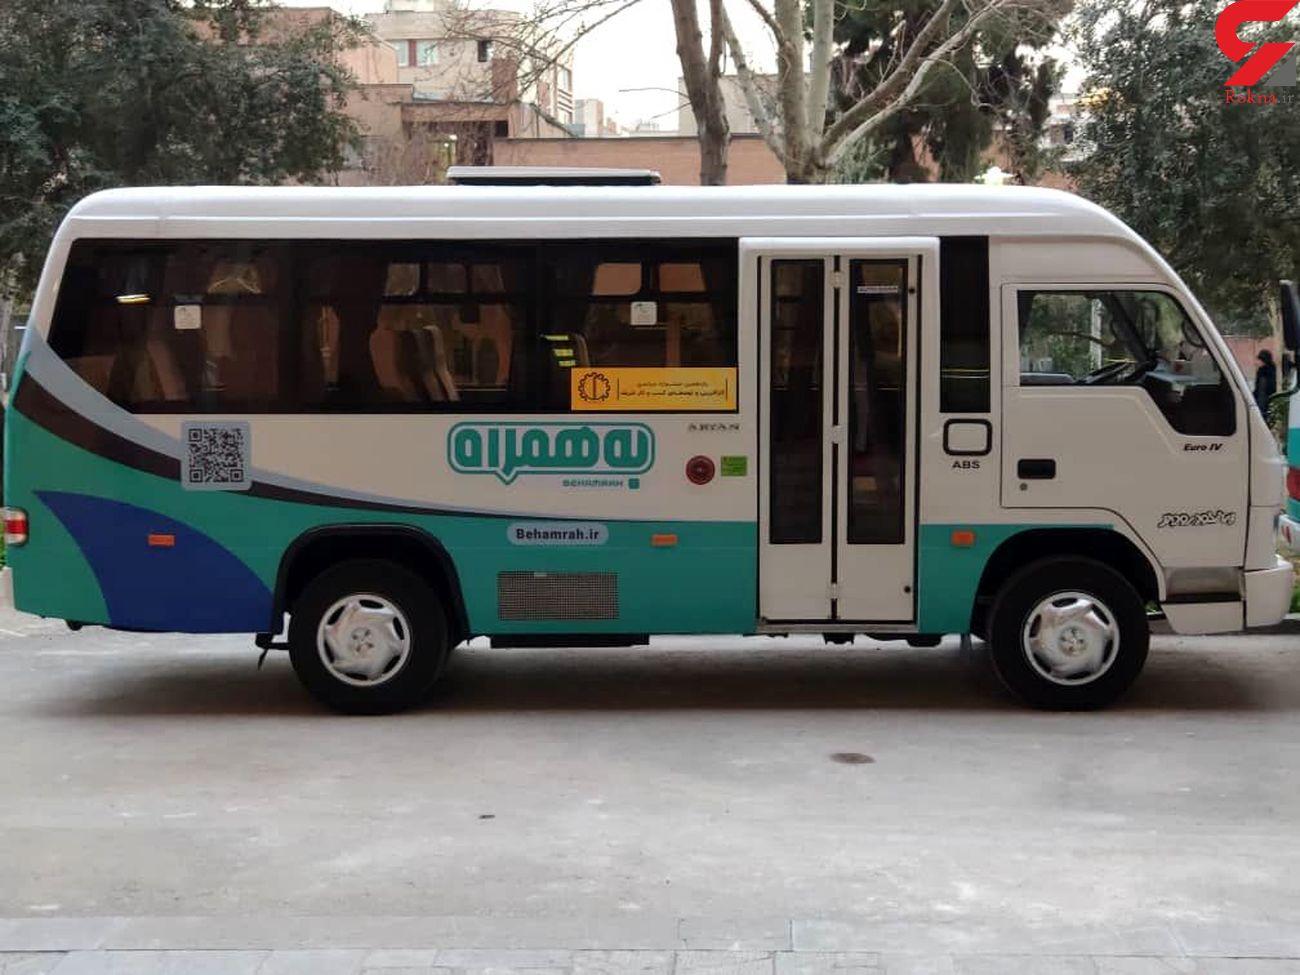 افزایش تعداد صندلی های رزرو شده اتوبوس با کرونا / هر هفته ۴۰۰ نفر